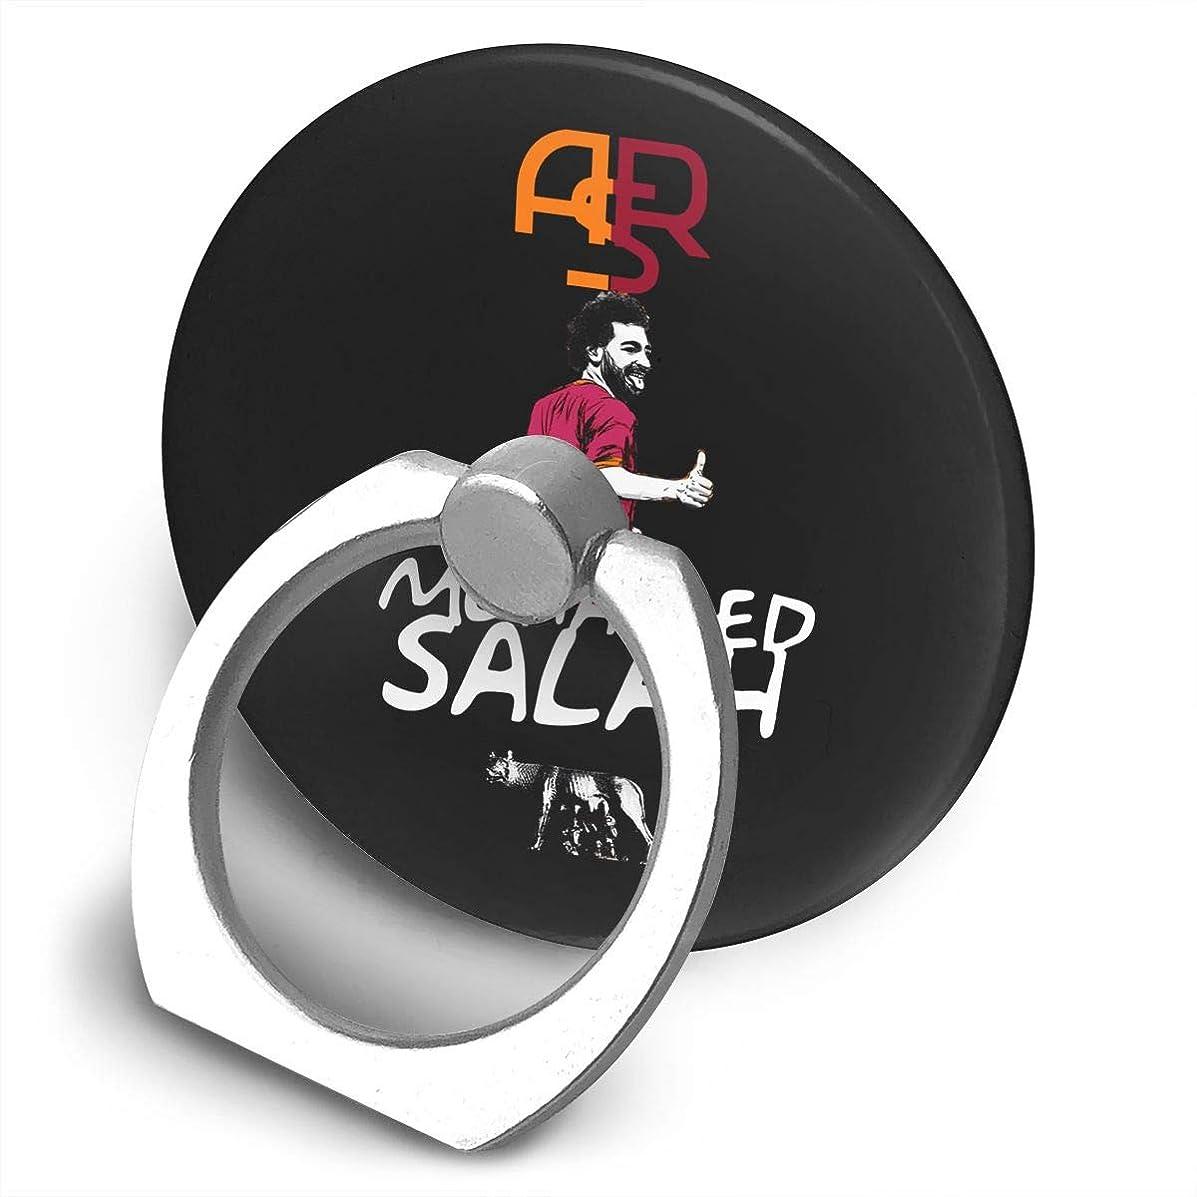 コーナールー突っ込むサッカー選手 モハメド サラー プリント スマホリング ホールド リング 丸型 指輪リング 薄型 おしゃれ 落下防止 360° ホルダー 強吸着力 IPhone/Android各種他対応